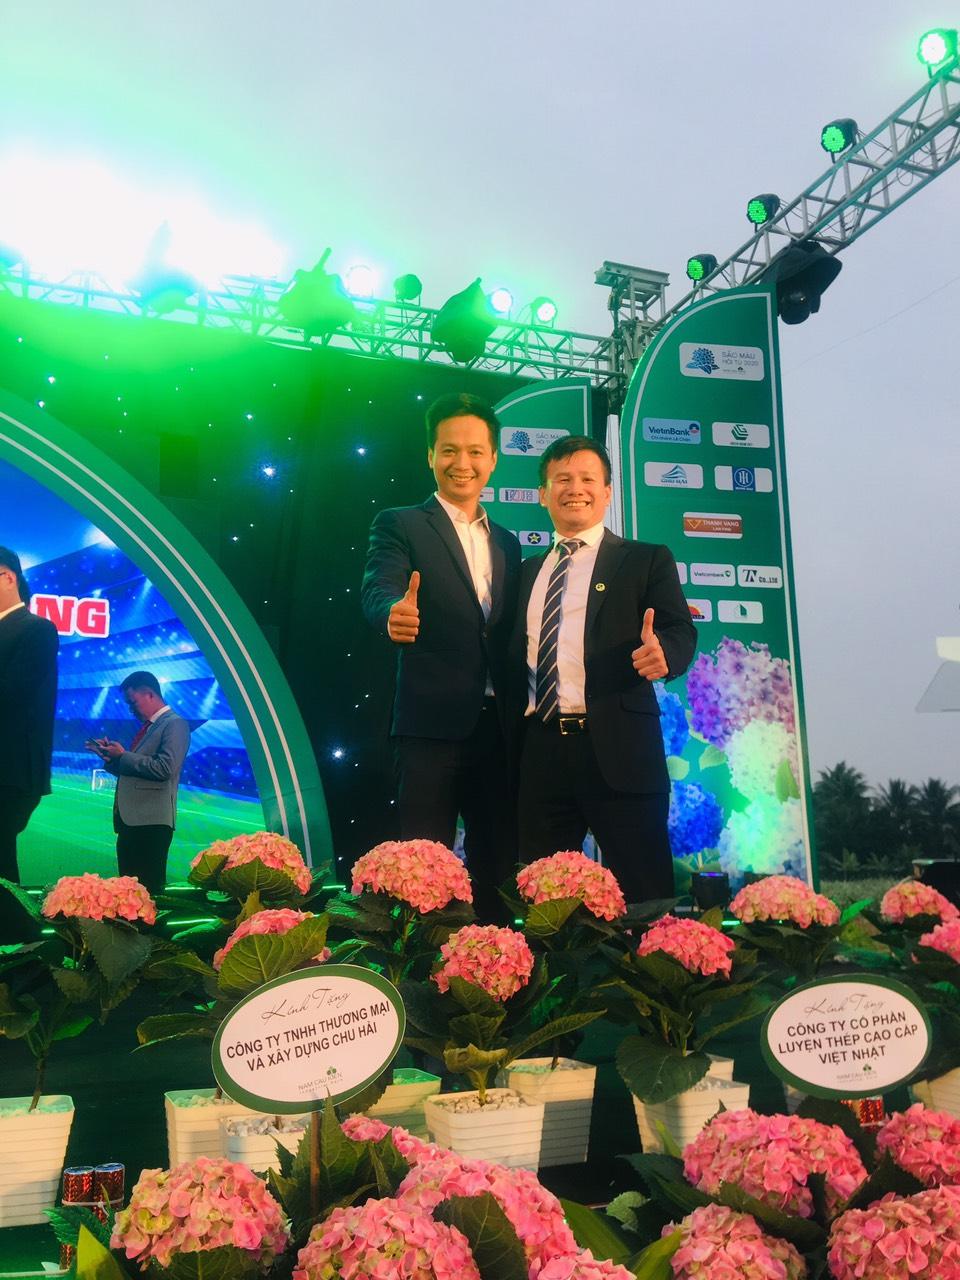 CEO Nextfarm ông Trần Quang Cường và Chủ tịch HĐQT Shinec ông Phạm Hồng Điệp